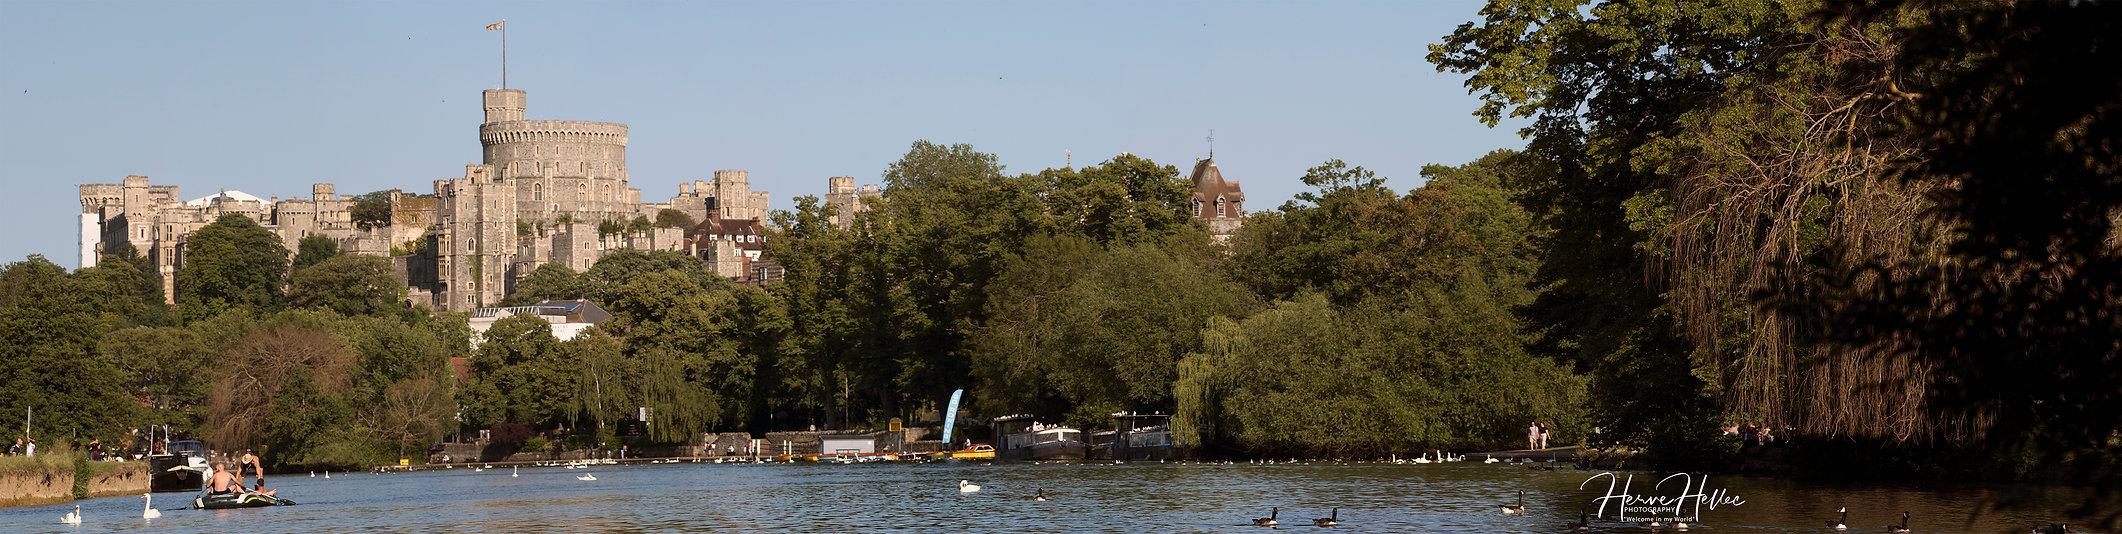 Windsor Castle & Thames - Windsor - UK S